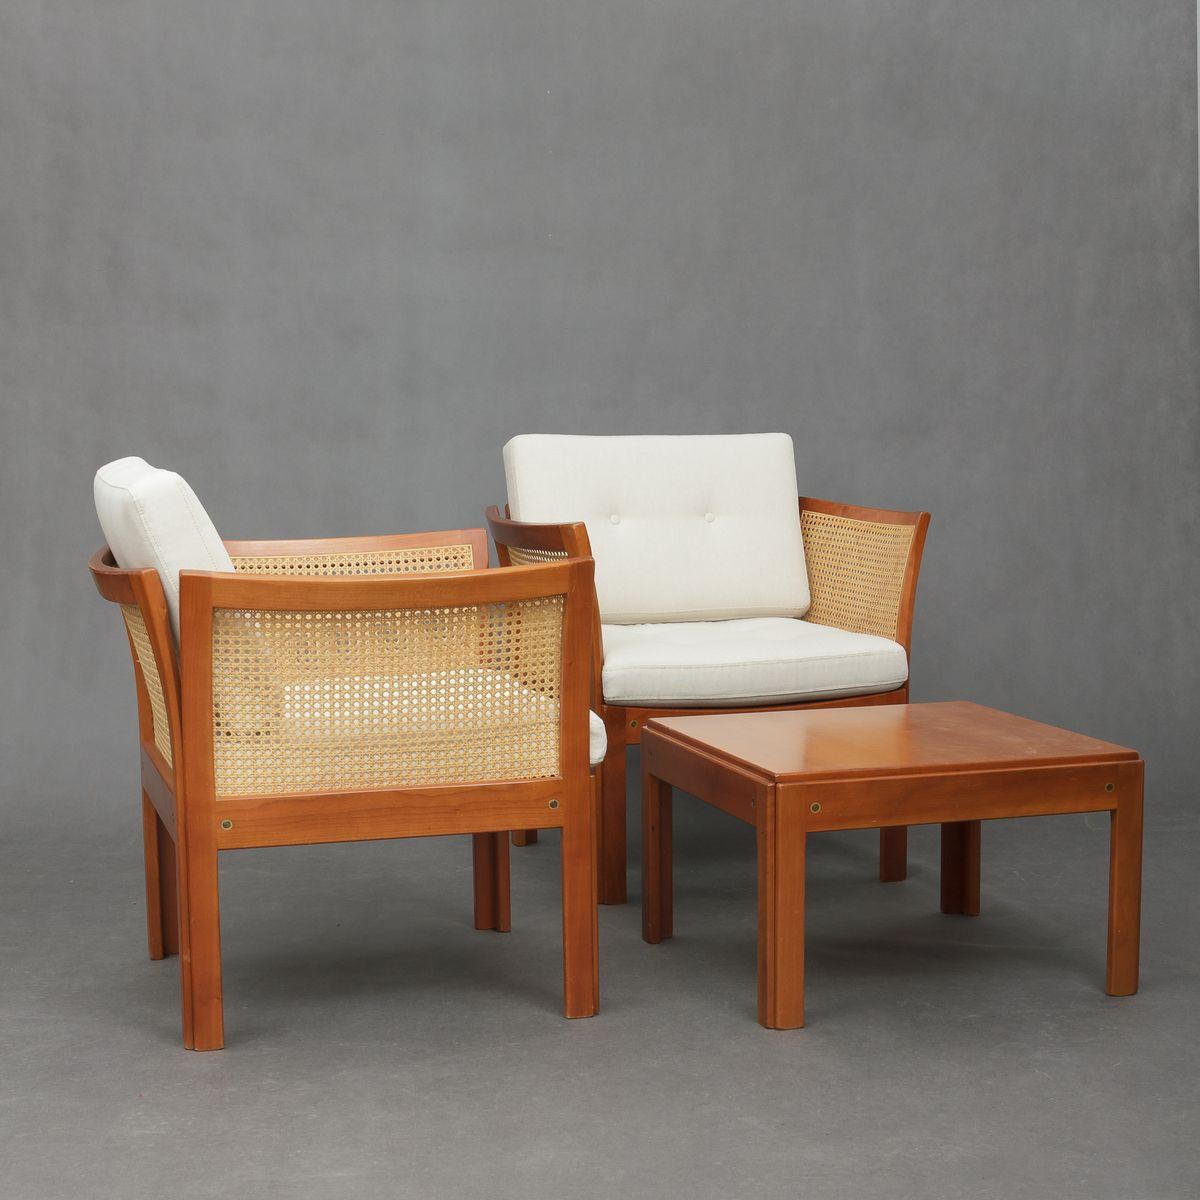 plexus sessel beistelltisch von illum wikkelso f r cfc silkeborg 1970er bei pamono kaufen. Black Bedroom Furniture Sets. Home Design Ideas